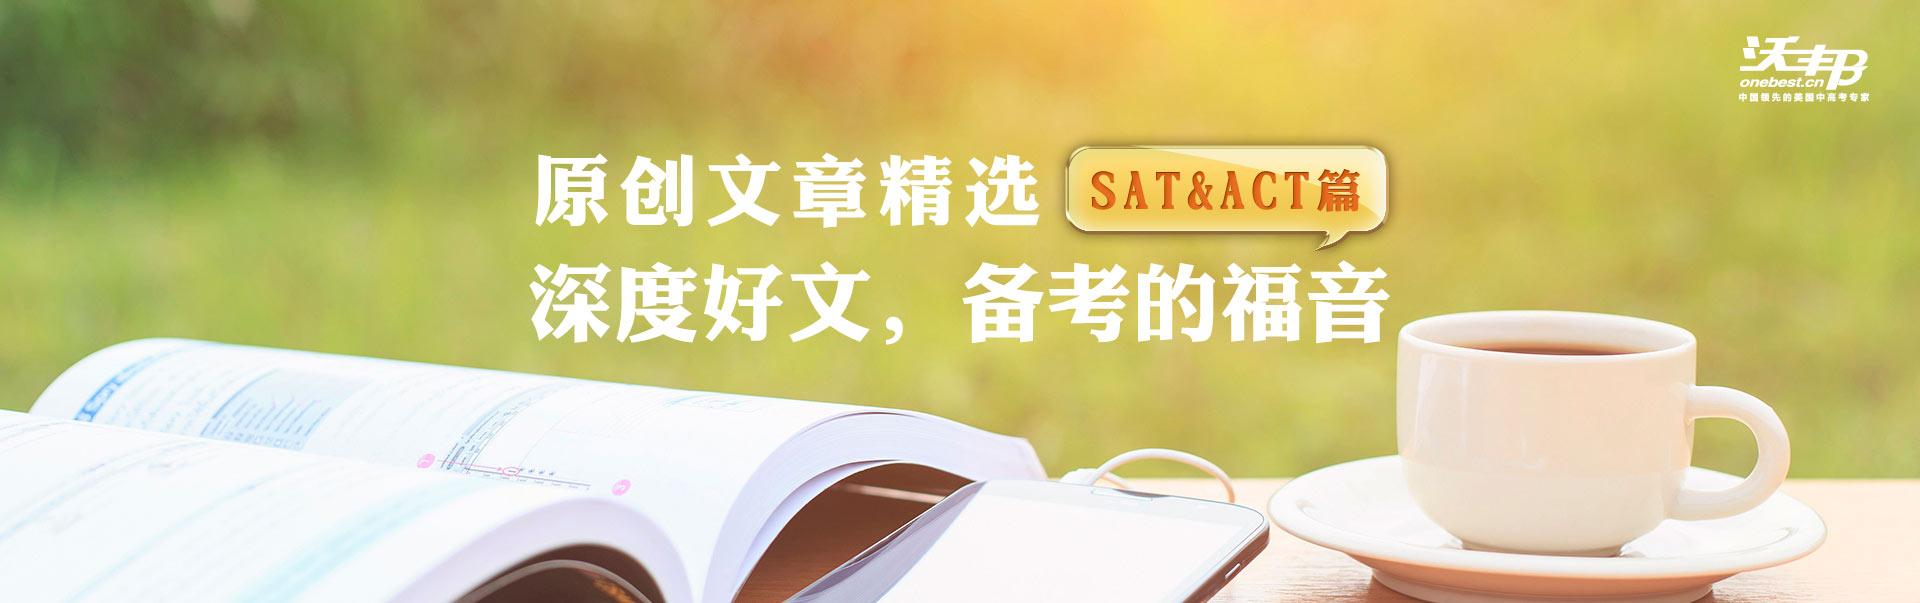 托福SAT原创文章